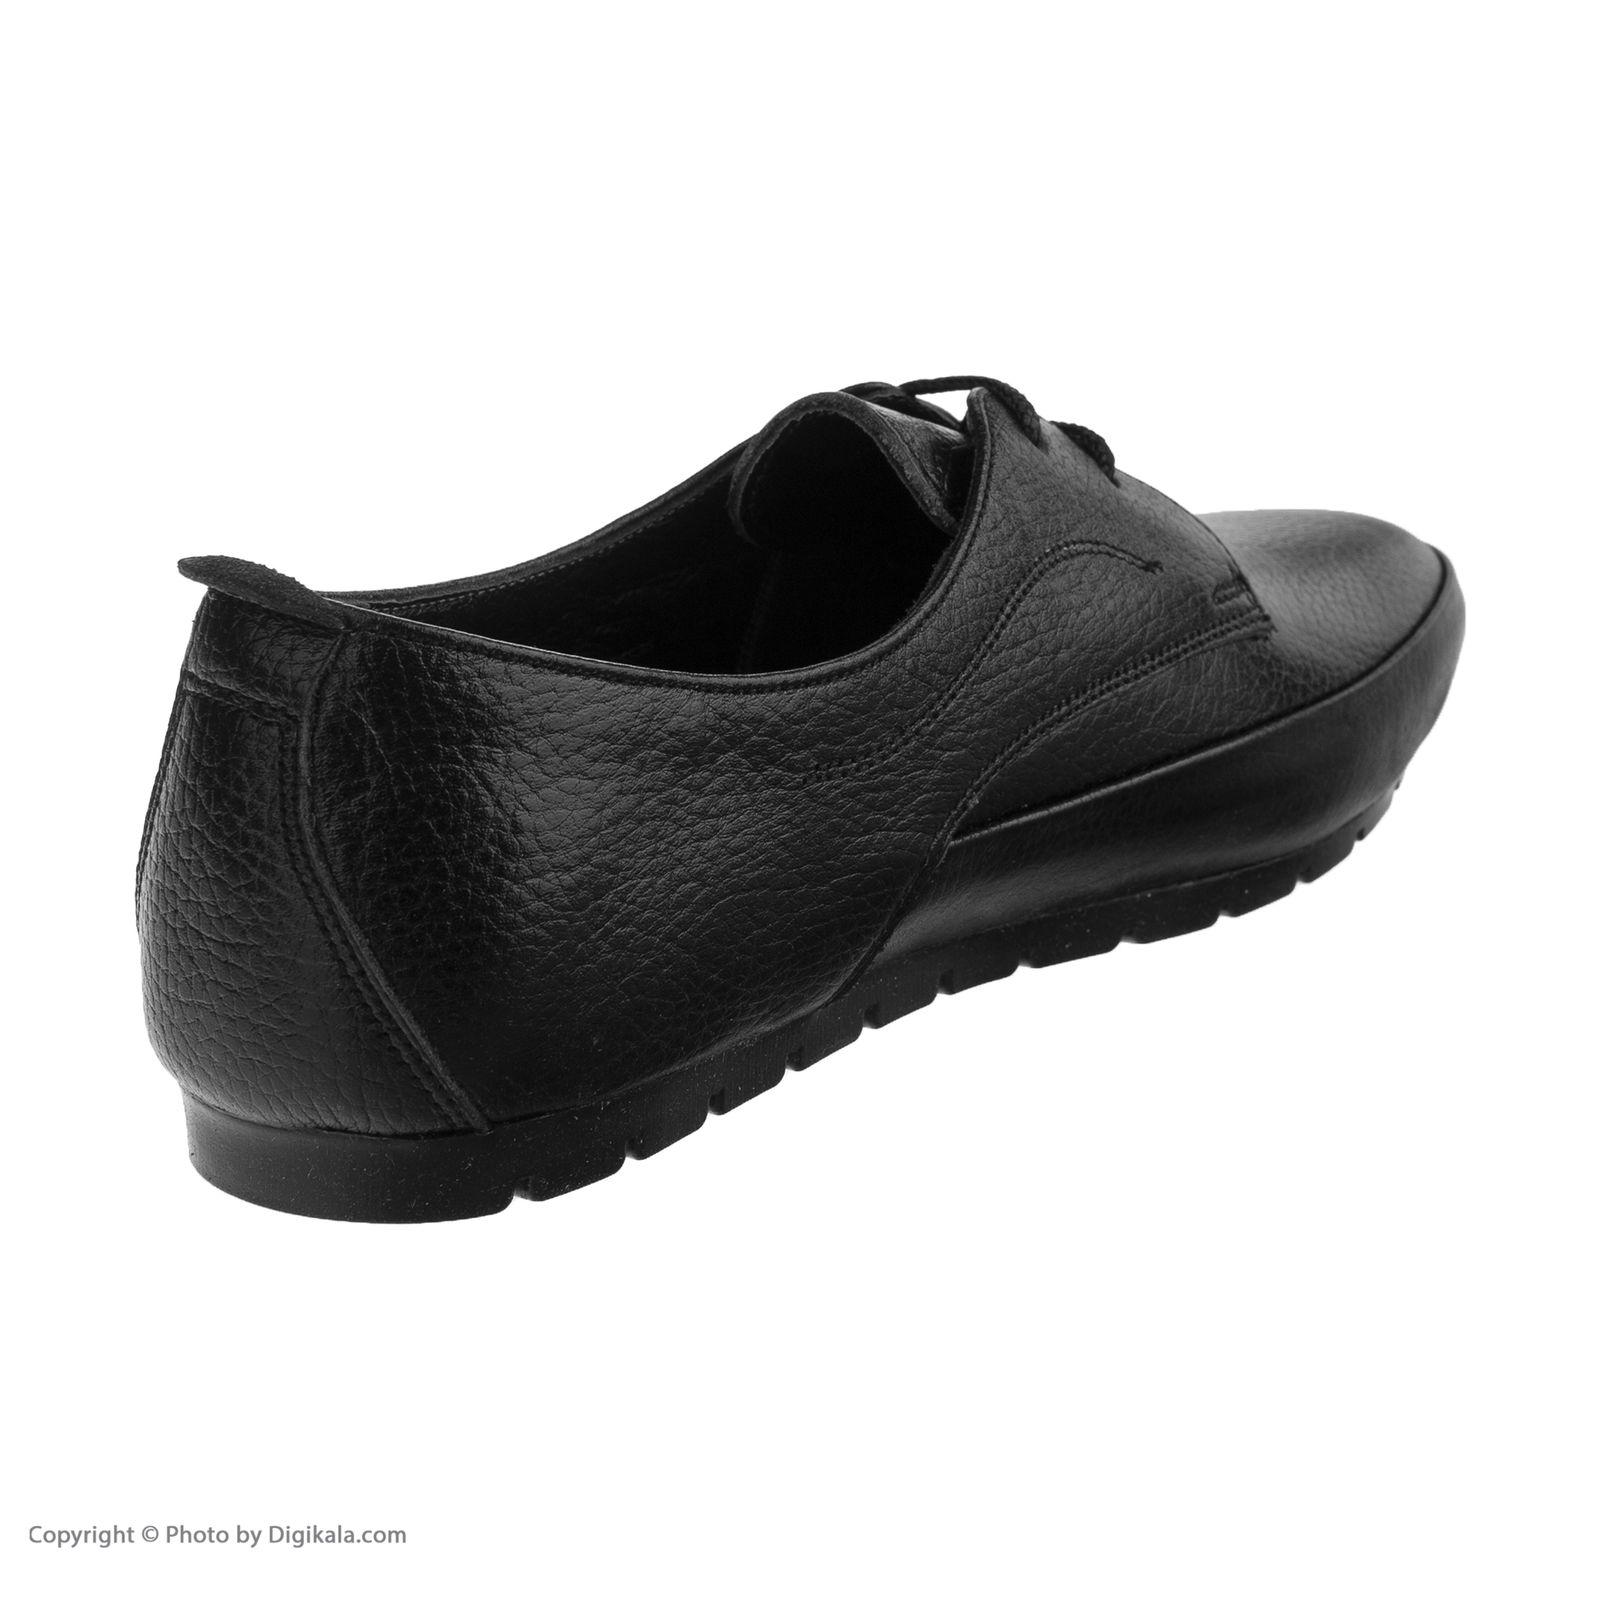 کفش روزمره زنانه شیفر مدل 5313b500101 main 1 4